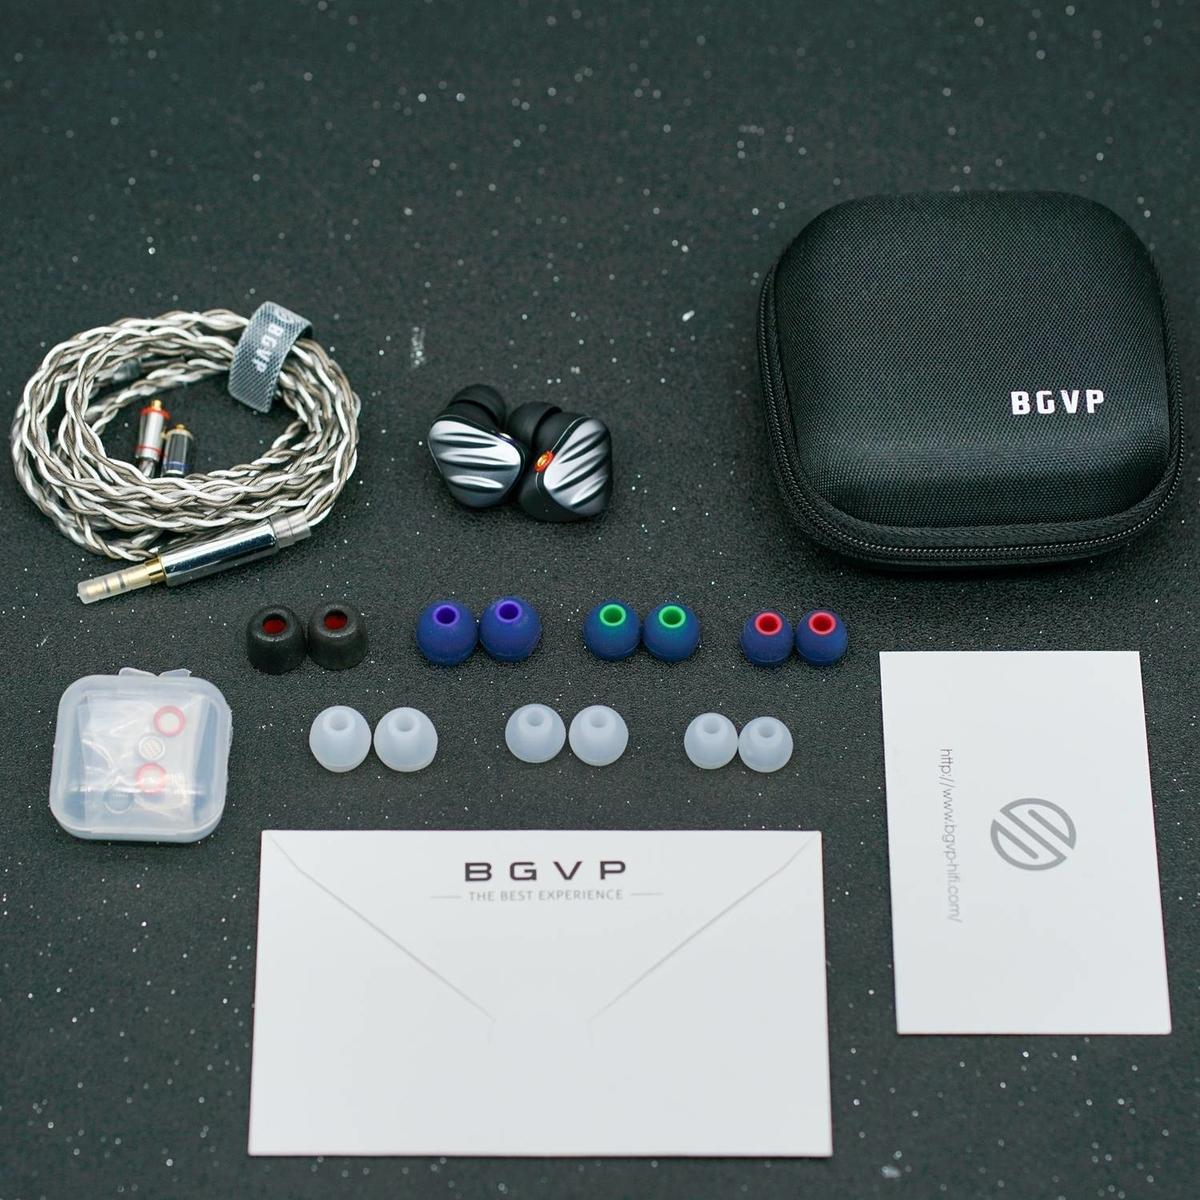 BGVP NS9